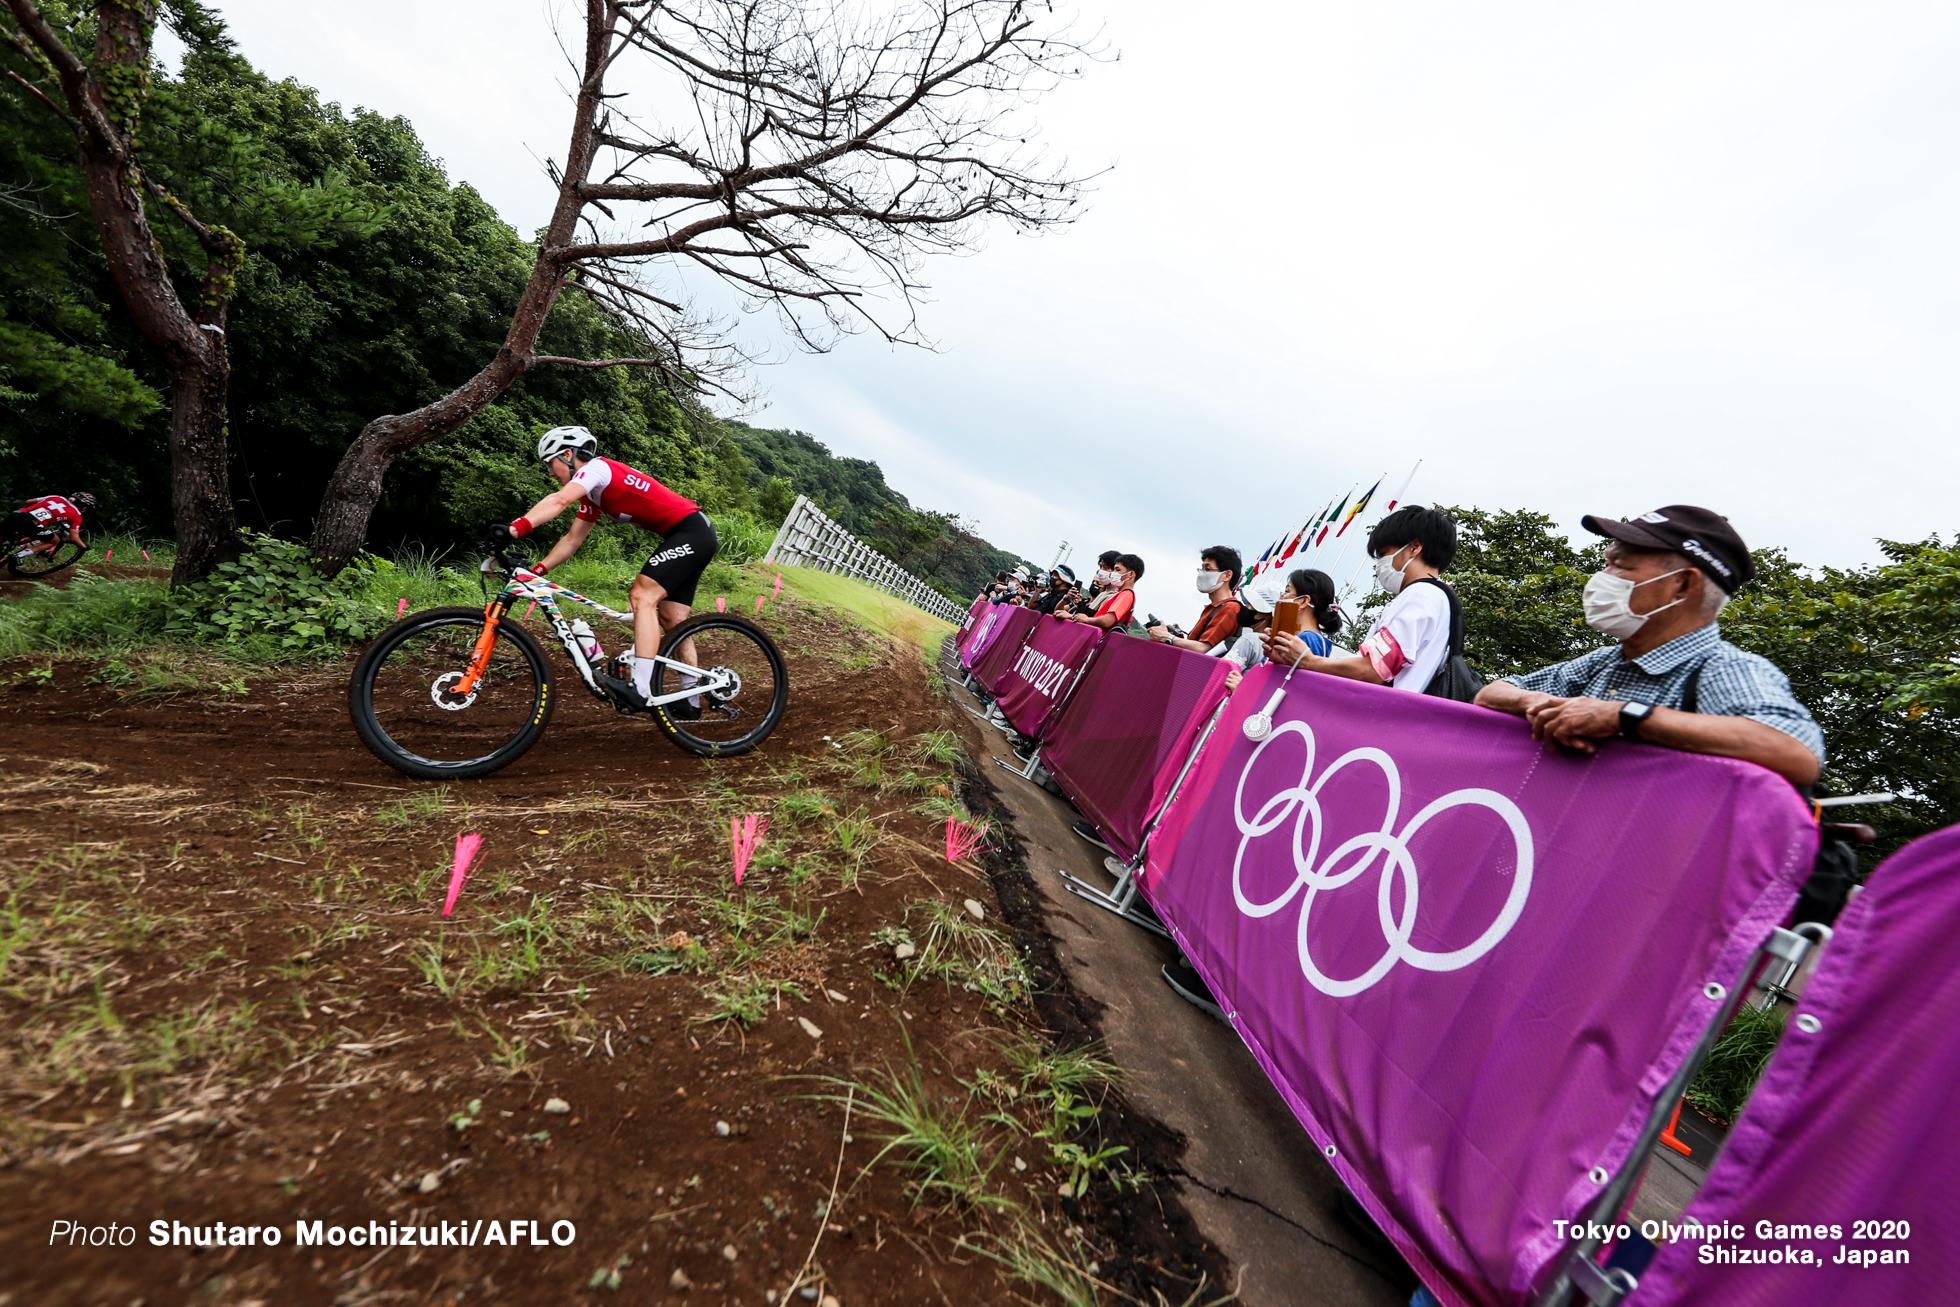 リンダ・インデルガンド Linda Indergand(SUI) ,JULY 27, 2021 - Cycling : Women's Cross-country during the Tokyo 2020 Olympic Games at the Izu MTB Course in Shizuoka, Japan. (Photo by Shutaro Mochizuki/AFLO)